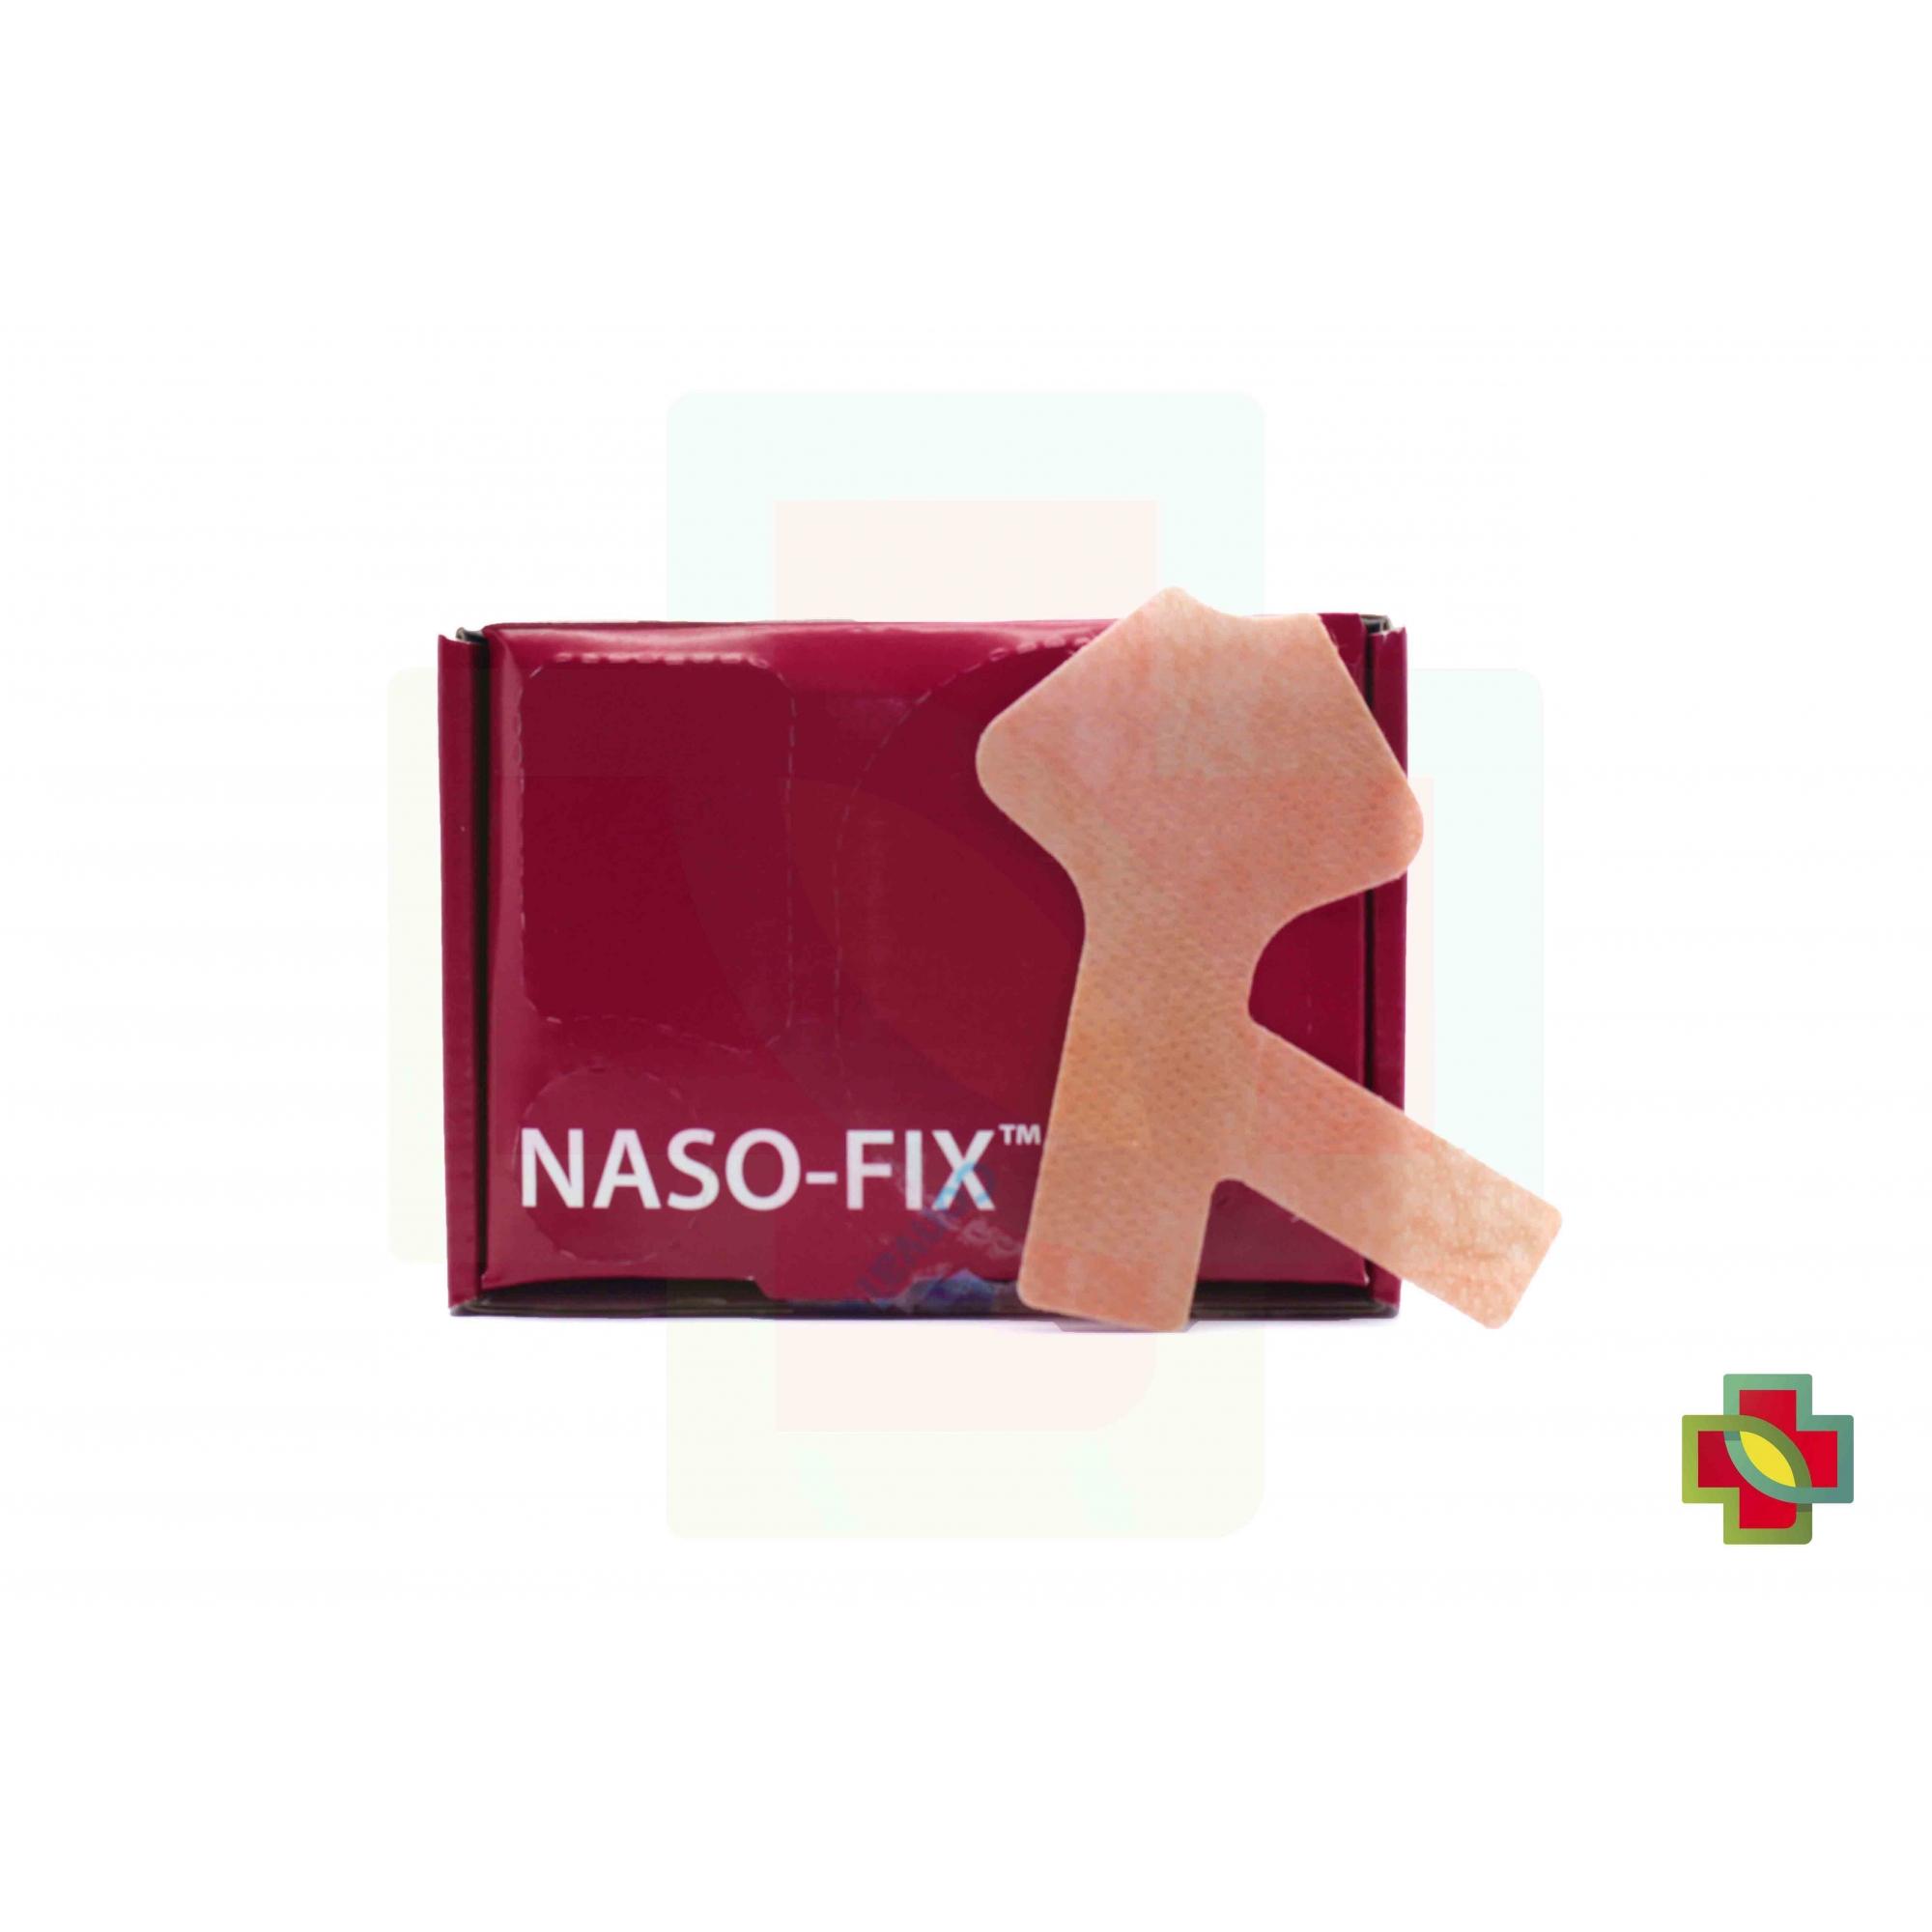 NASO-FIX FIXACAO CATETER NASAL P BR10268 - CONVATEC